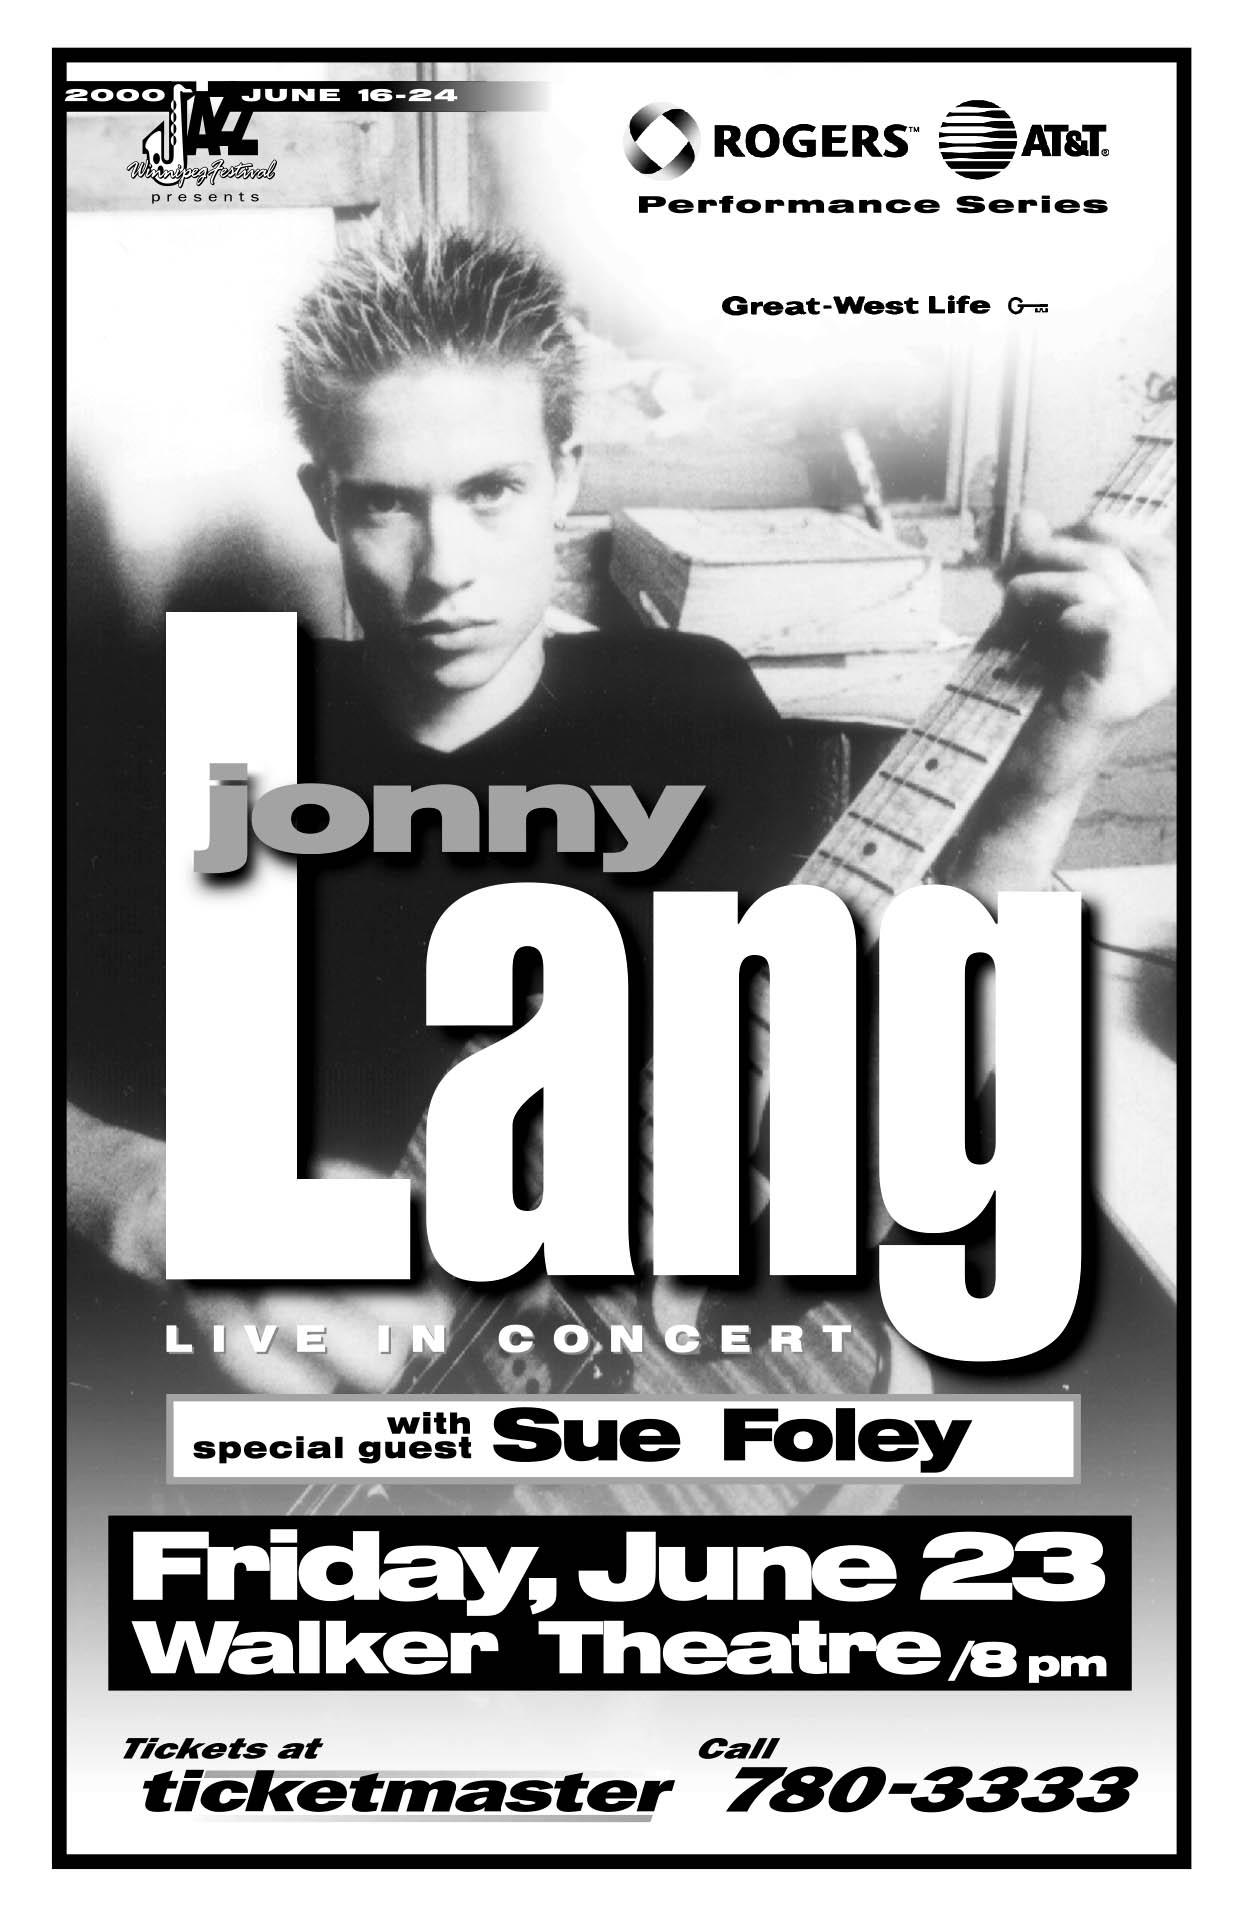 JONNY LANG – 2000